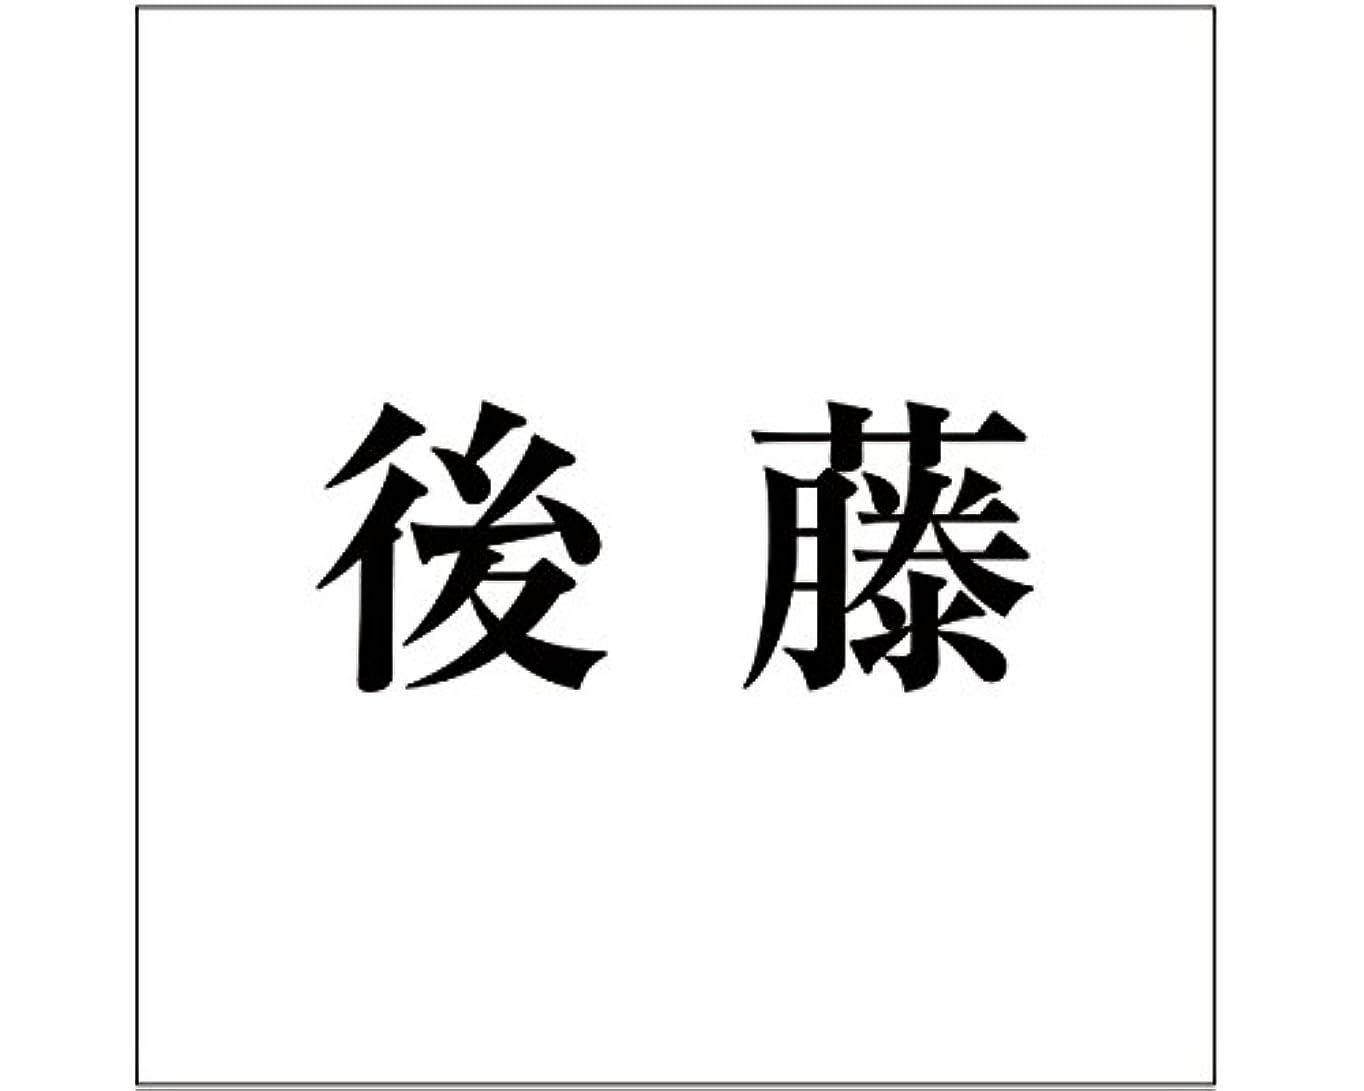 修復びっくりするフェザー切文字 カッティングシート 明朝文字 ????? 100×100mm表札板用 後藤 オーダーメイド 納期8営業日